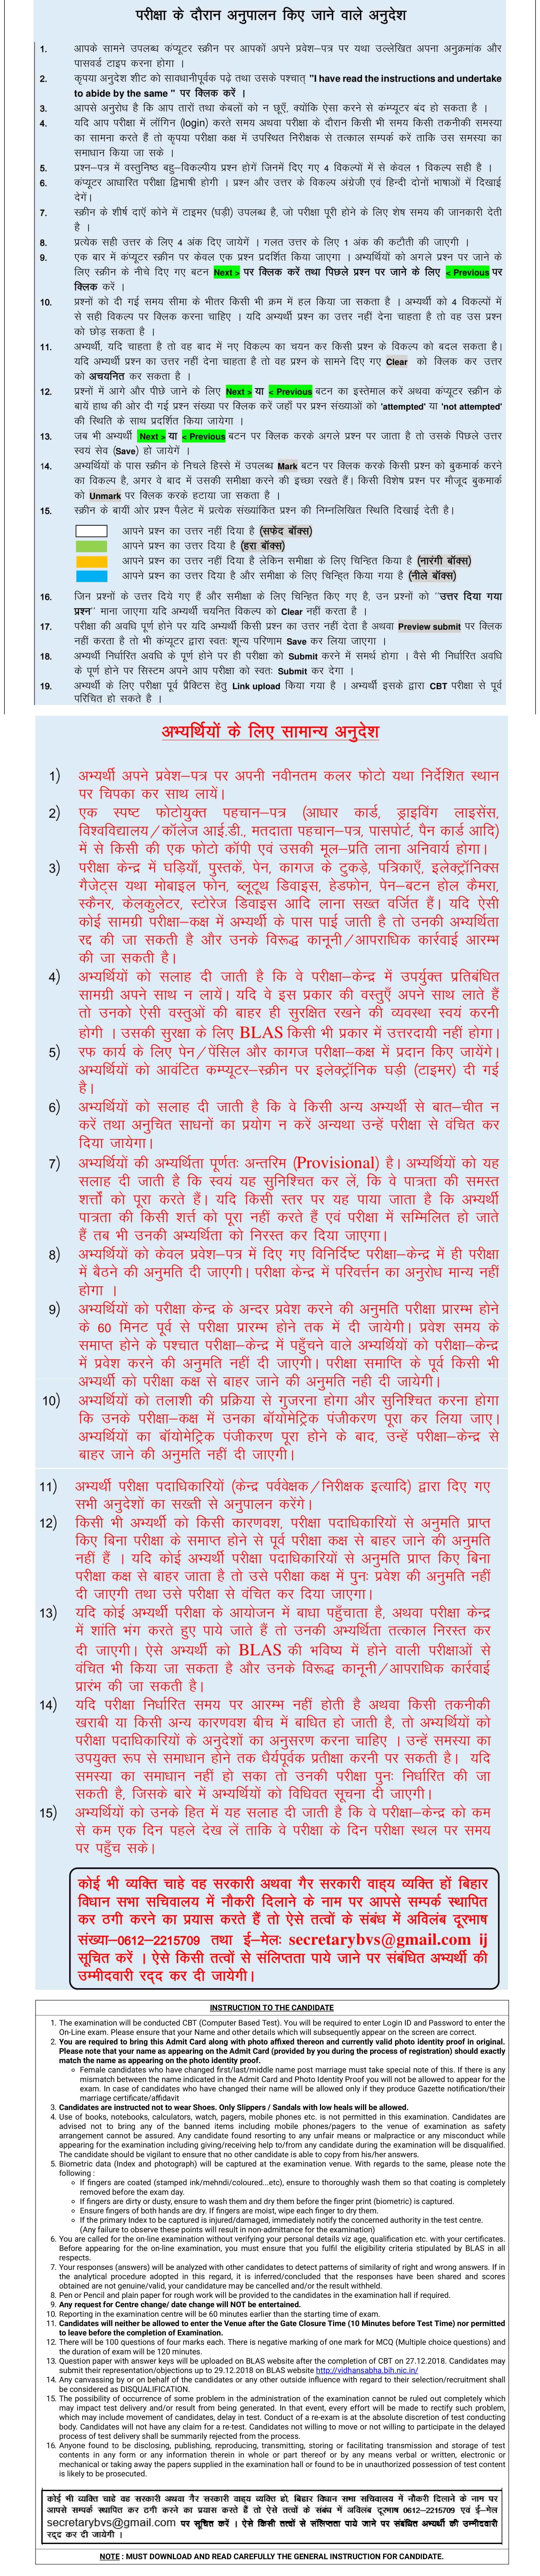 bihar vidhan sabha exam instruction